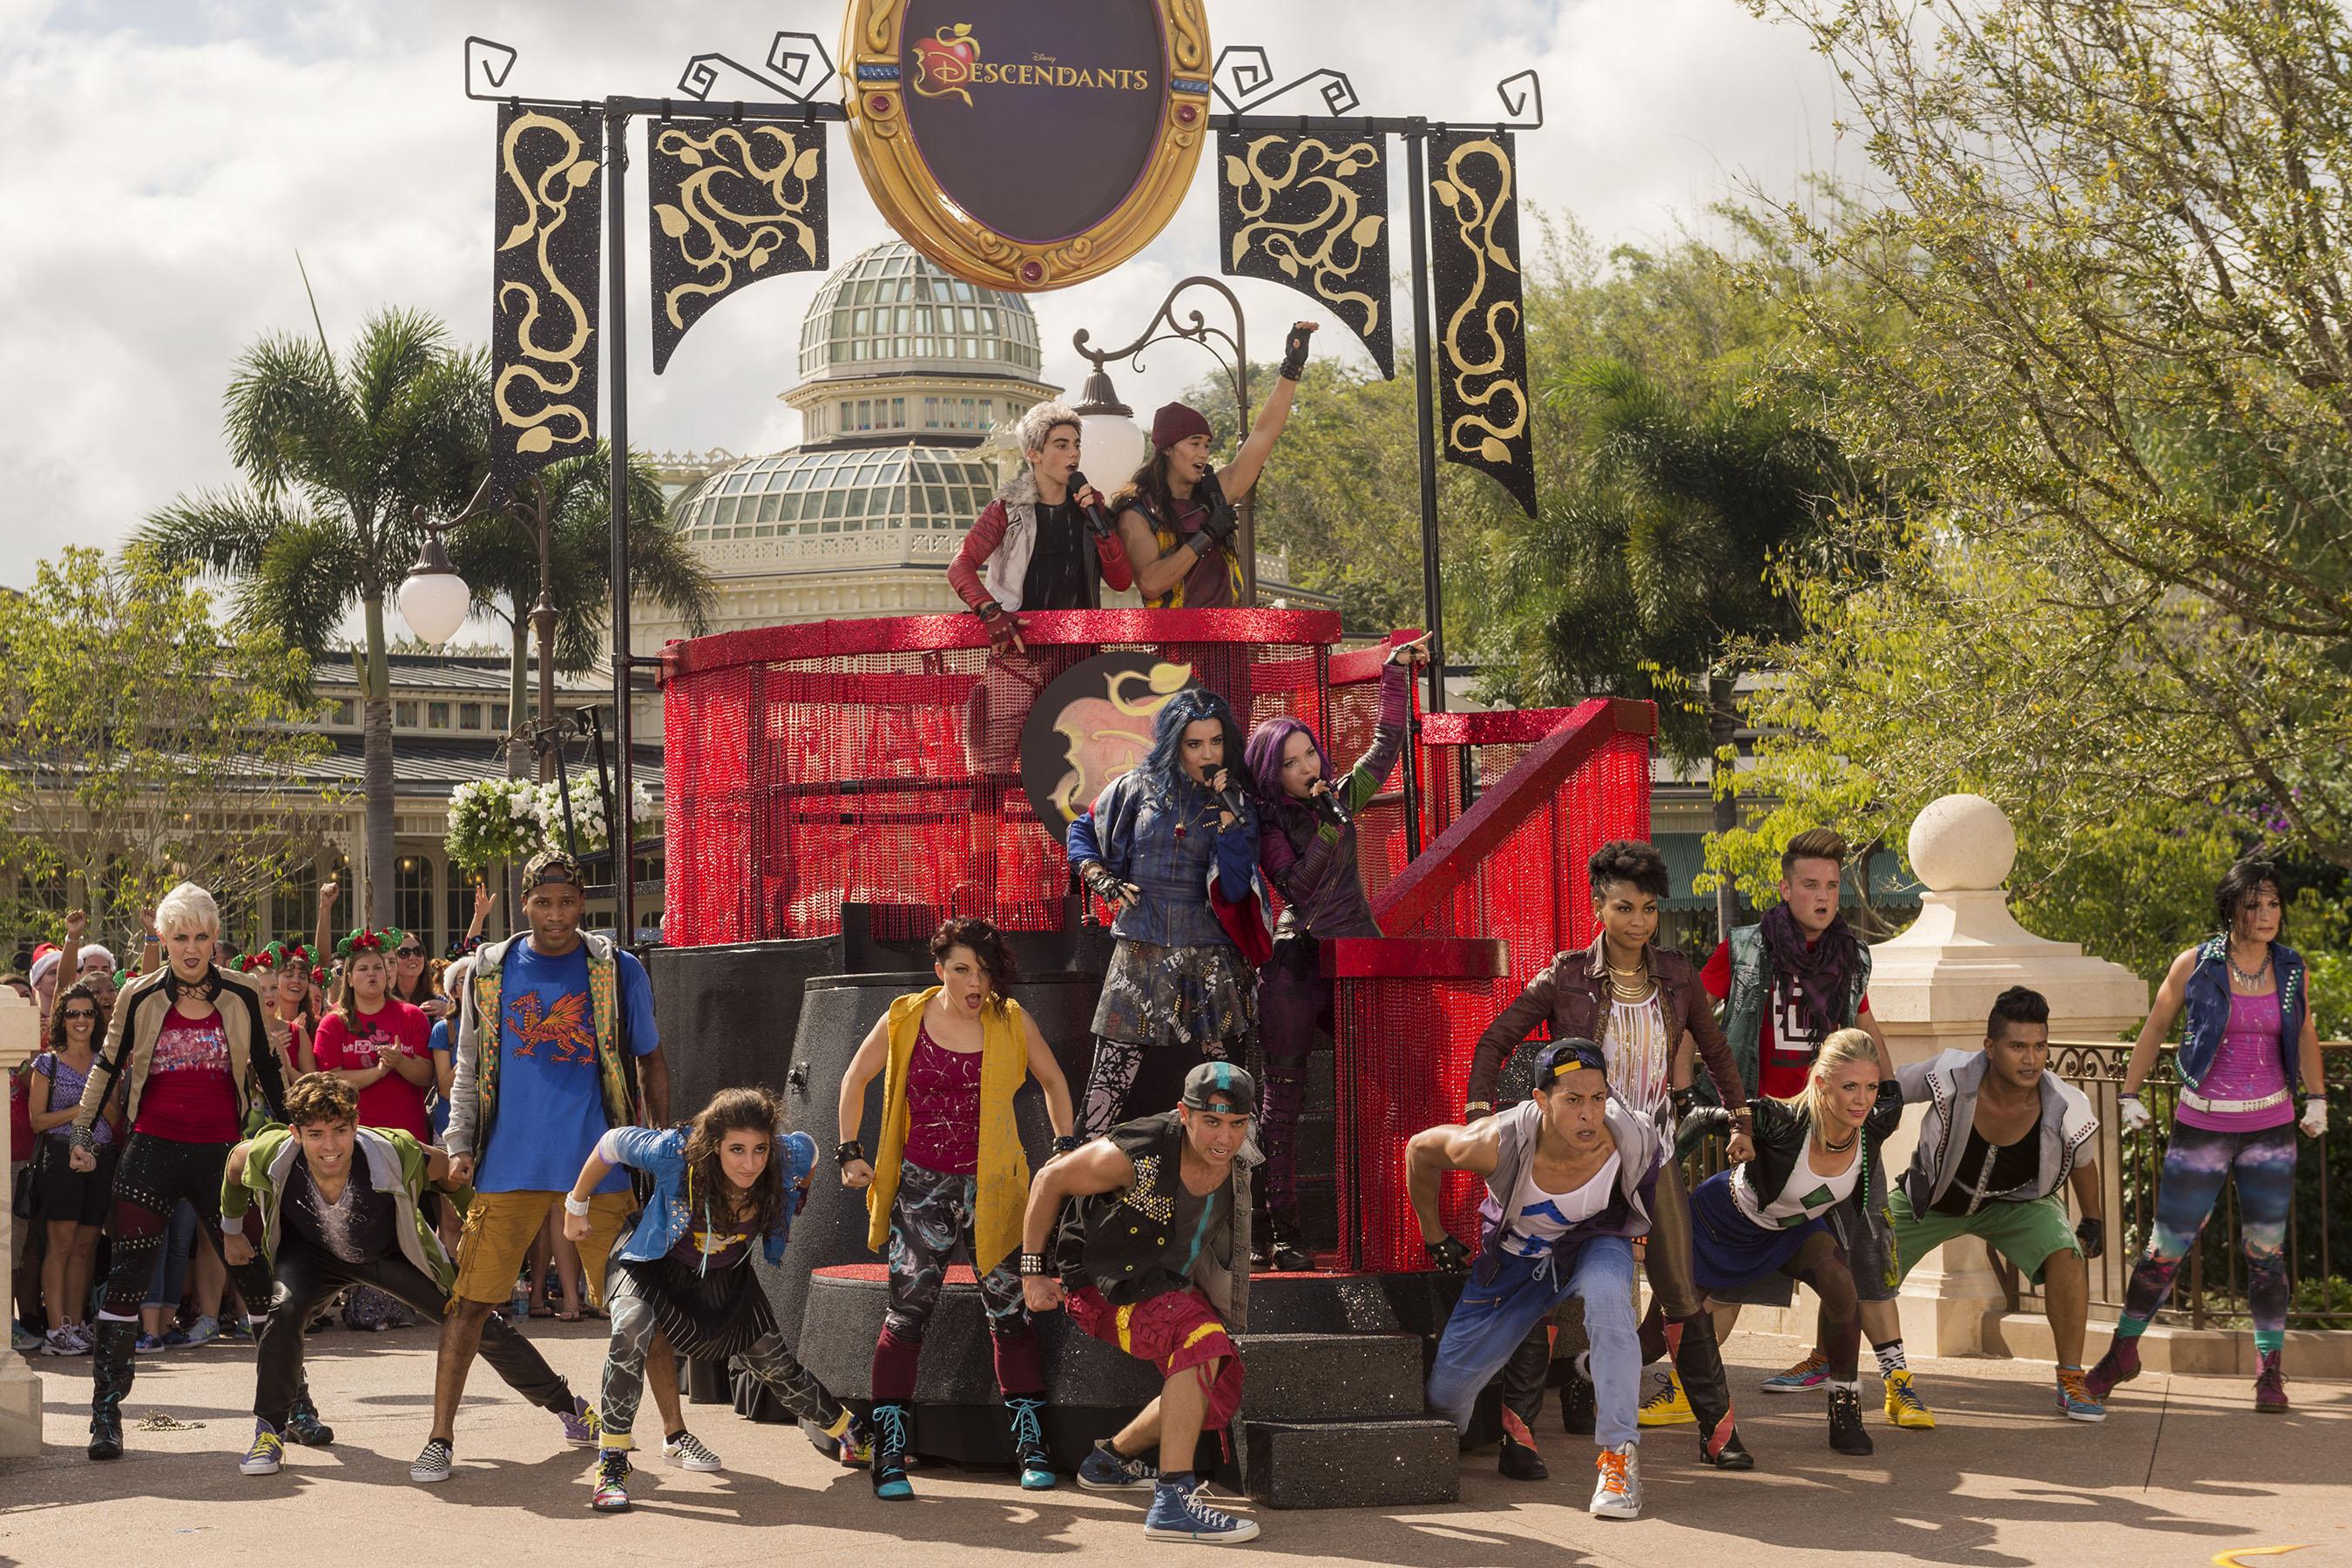 Disney Parks Unforgettable Christmas Celebration performance - Cast of Descendants